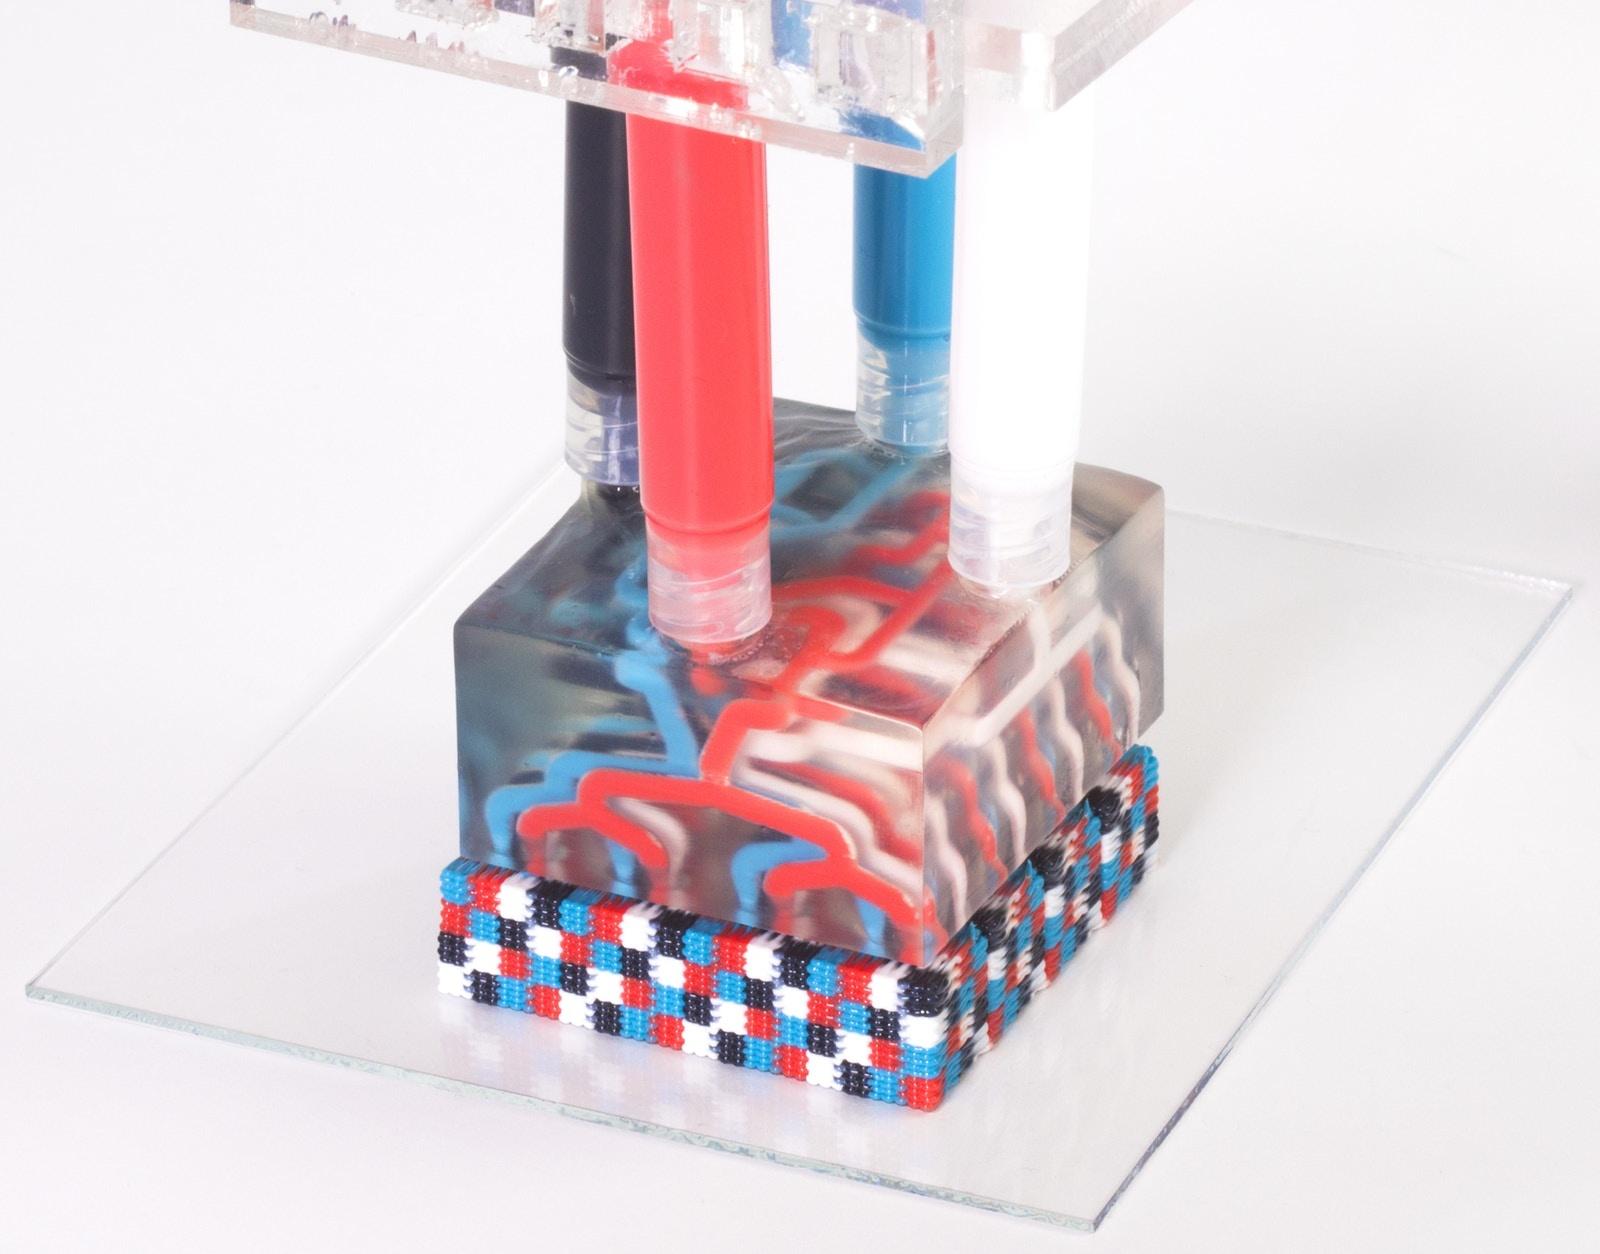 De laatste ontwikkelingen op het gebied van 3D printen van de maand december